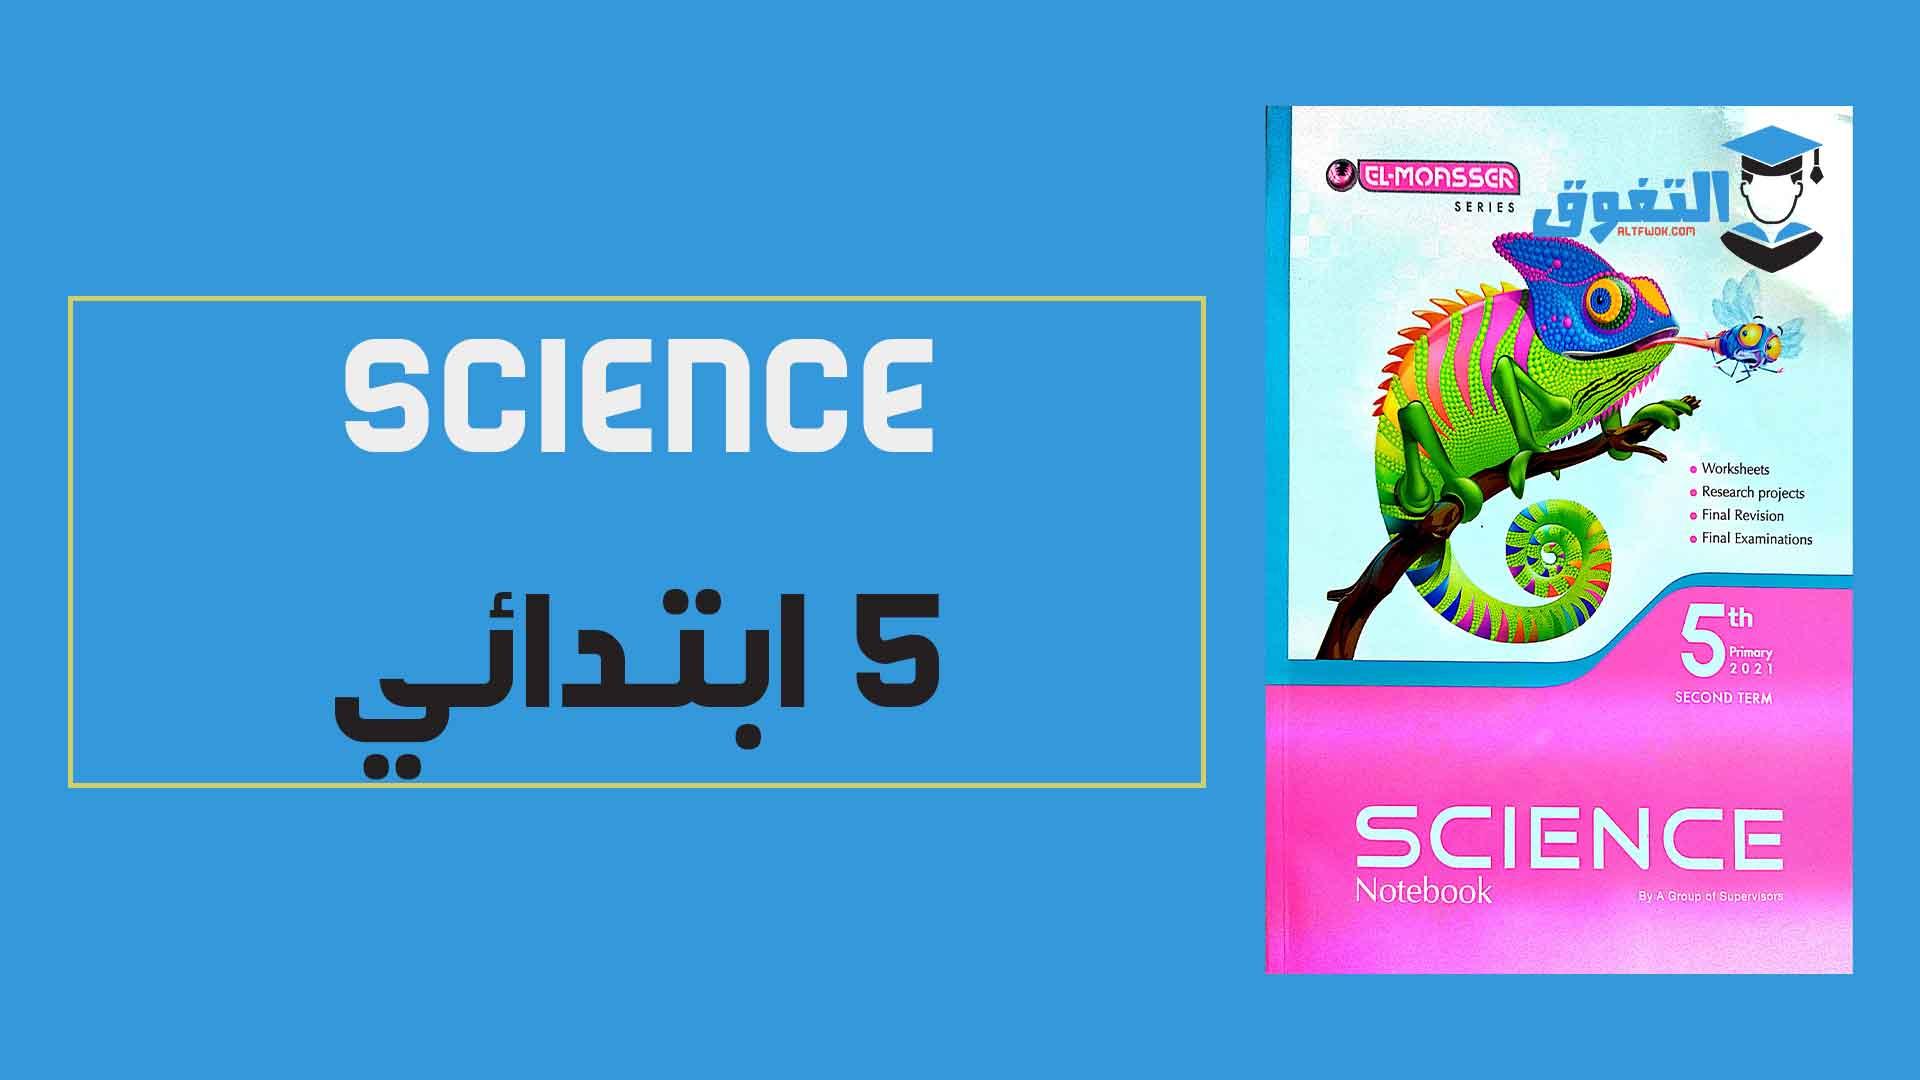 تحميل كتاب المعاصر ساينس science الصف الخامس الابتدائي الترم الثانى 2021 pdf (كتاب الاسئلة والامتحانات النسخة الجديدة)